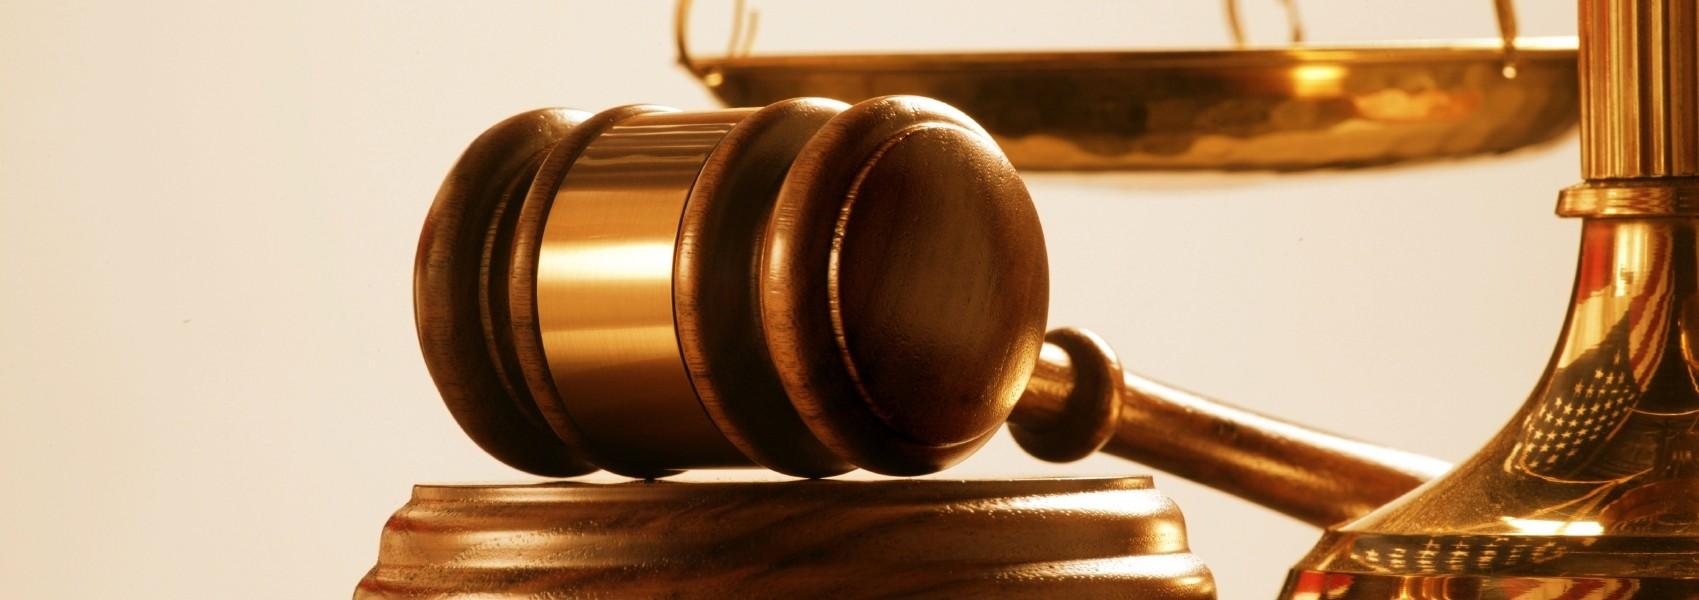 Gestione amministrativa contenzioso del lavoro - consulenza legale in materia del diritto del lavoro e legislazione sociale